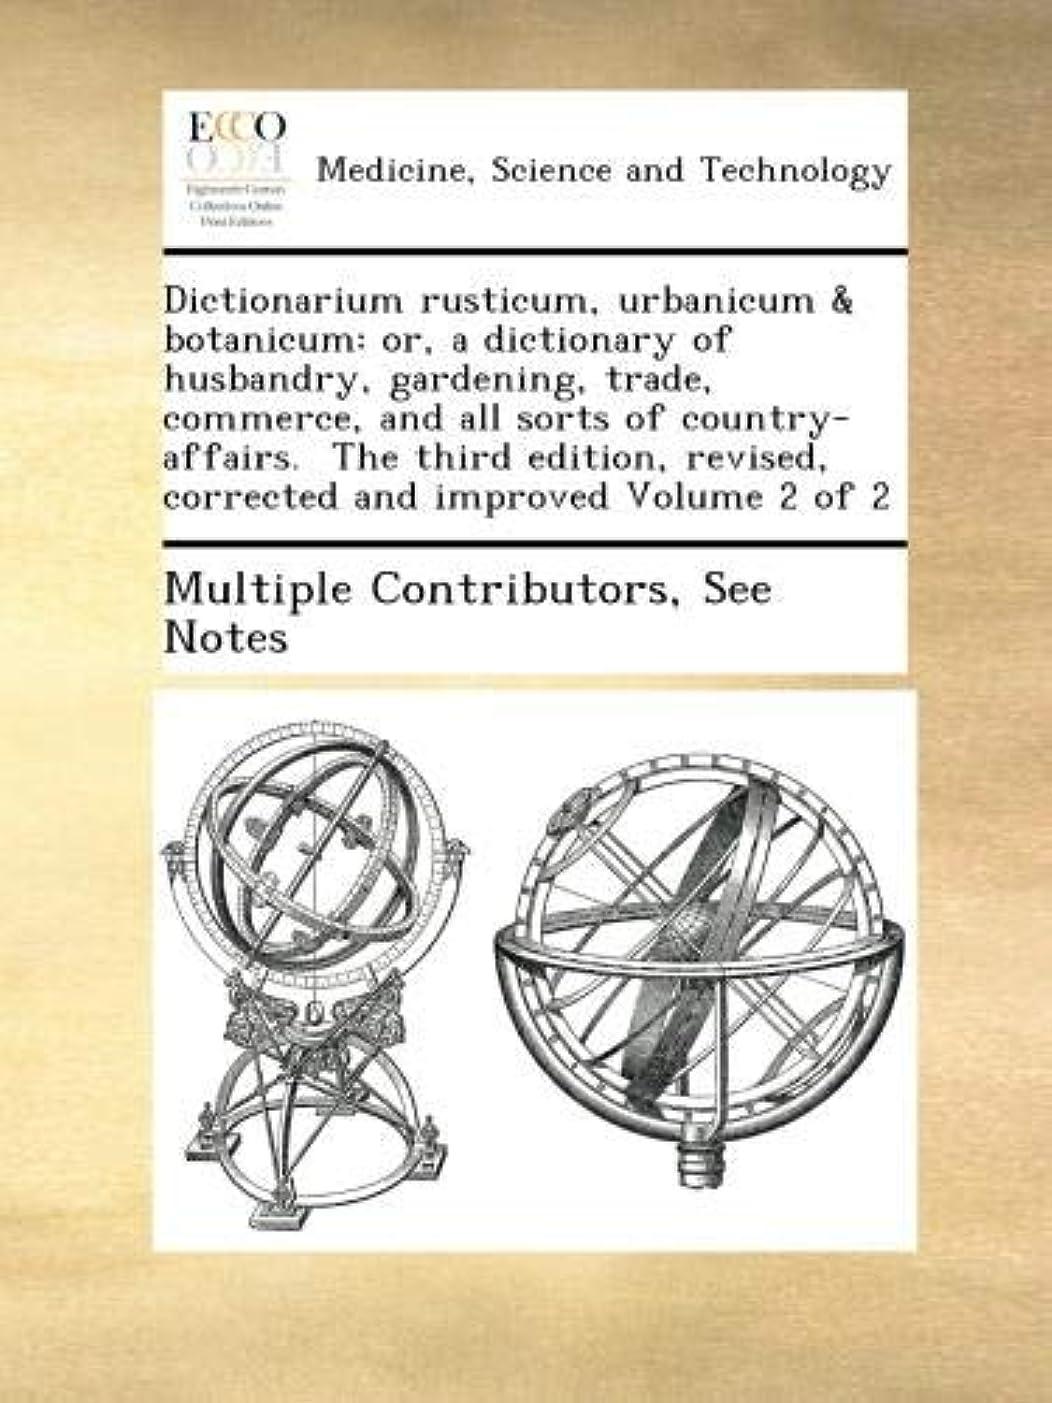 ブランド名半径エレガントDictionarium rusticum, urbanicum & botanicum: or, a dictionary of husbandry, gardening, trade, commerce, and all sorts of country-affairs.  The third edition, revised, corrected and improved Volume 2 of 2